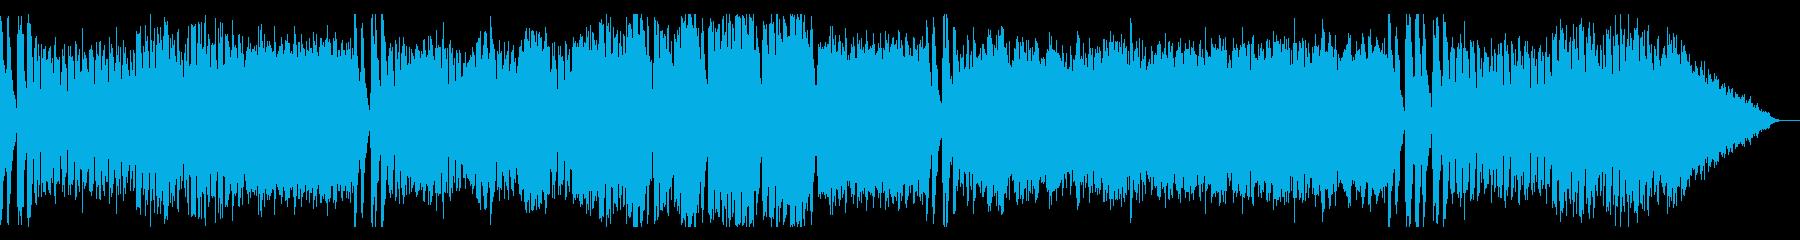 追われてるようなBGMの再生済みの波形